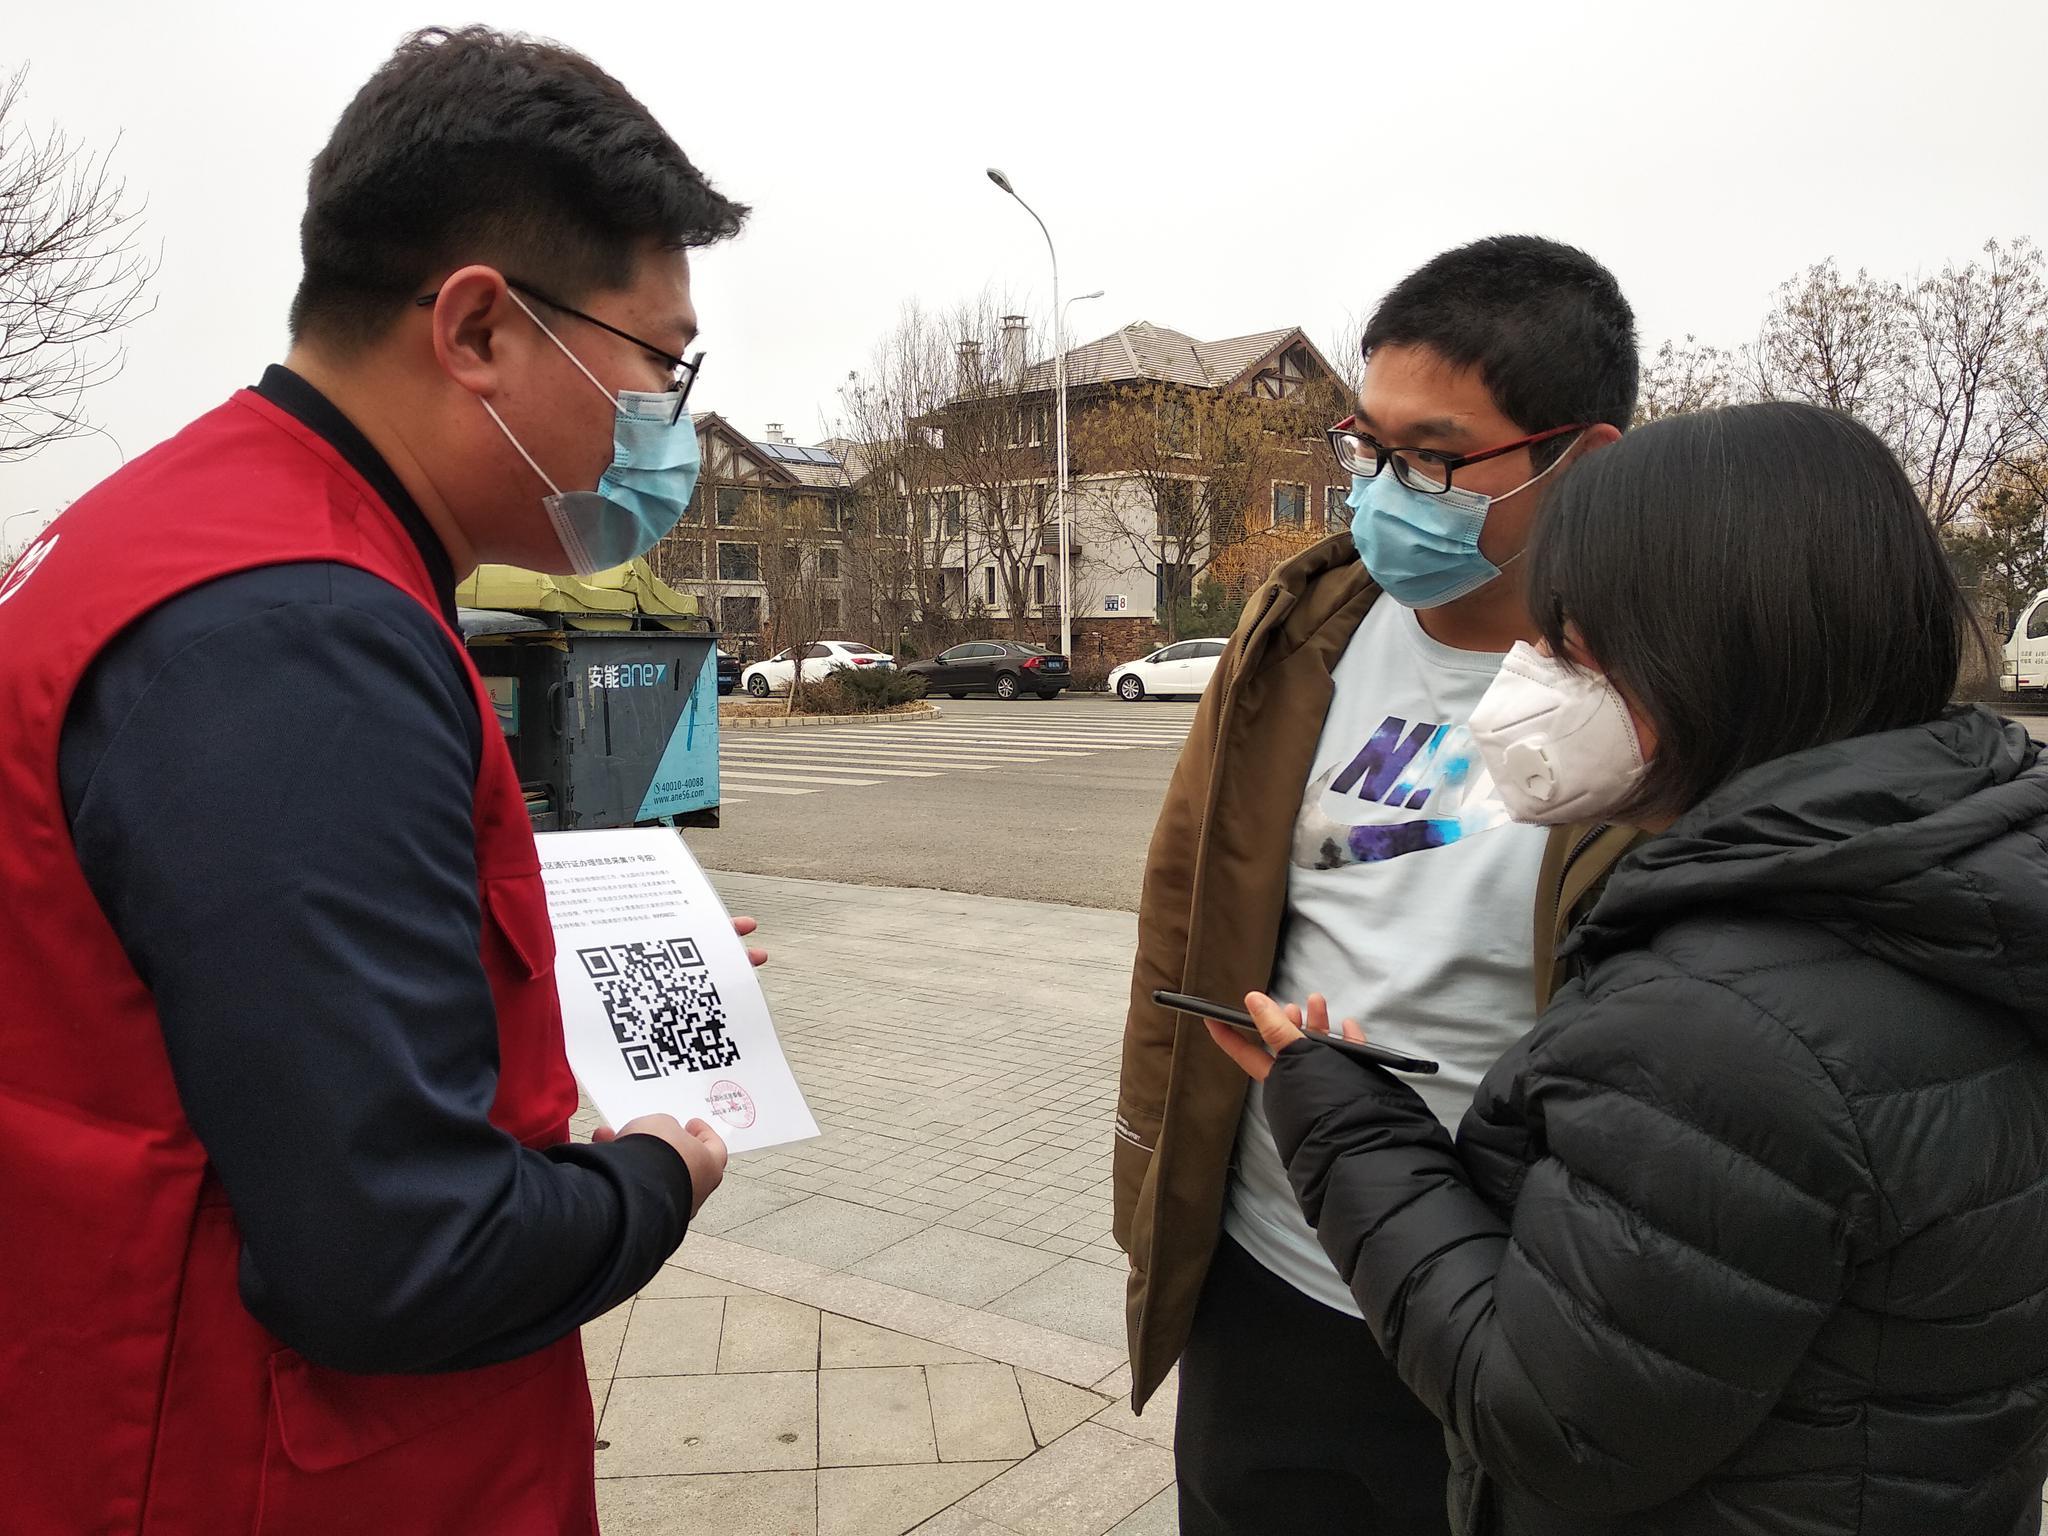 平谷夏各莊鎮采用信息云登記助力防疫圖片